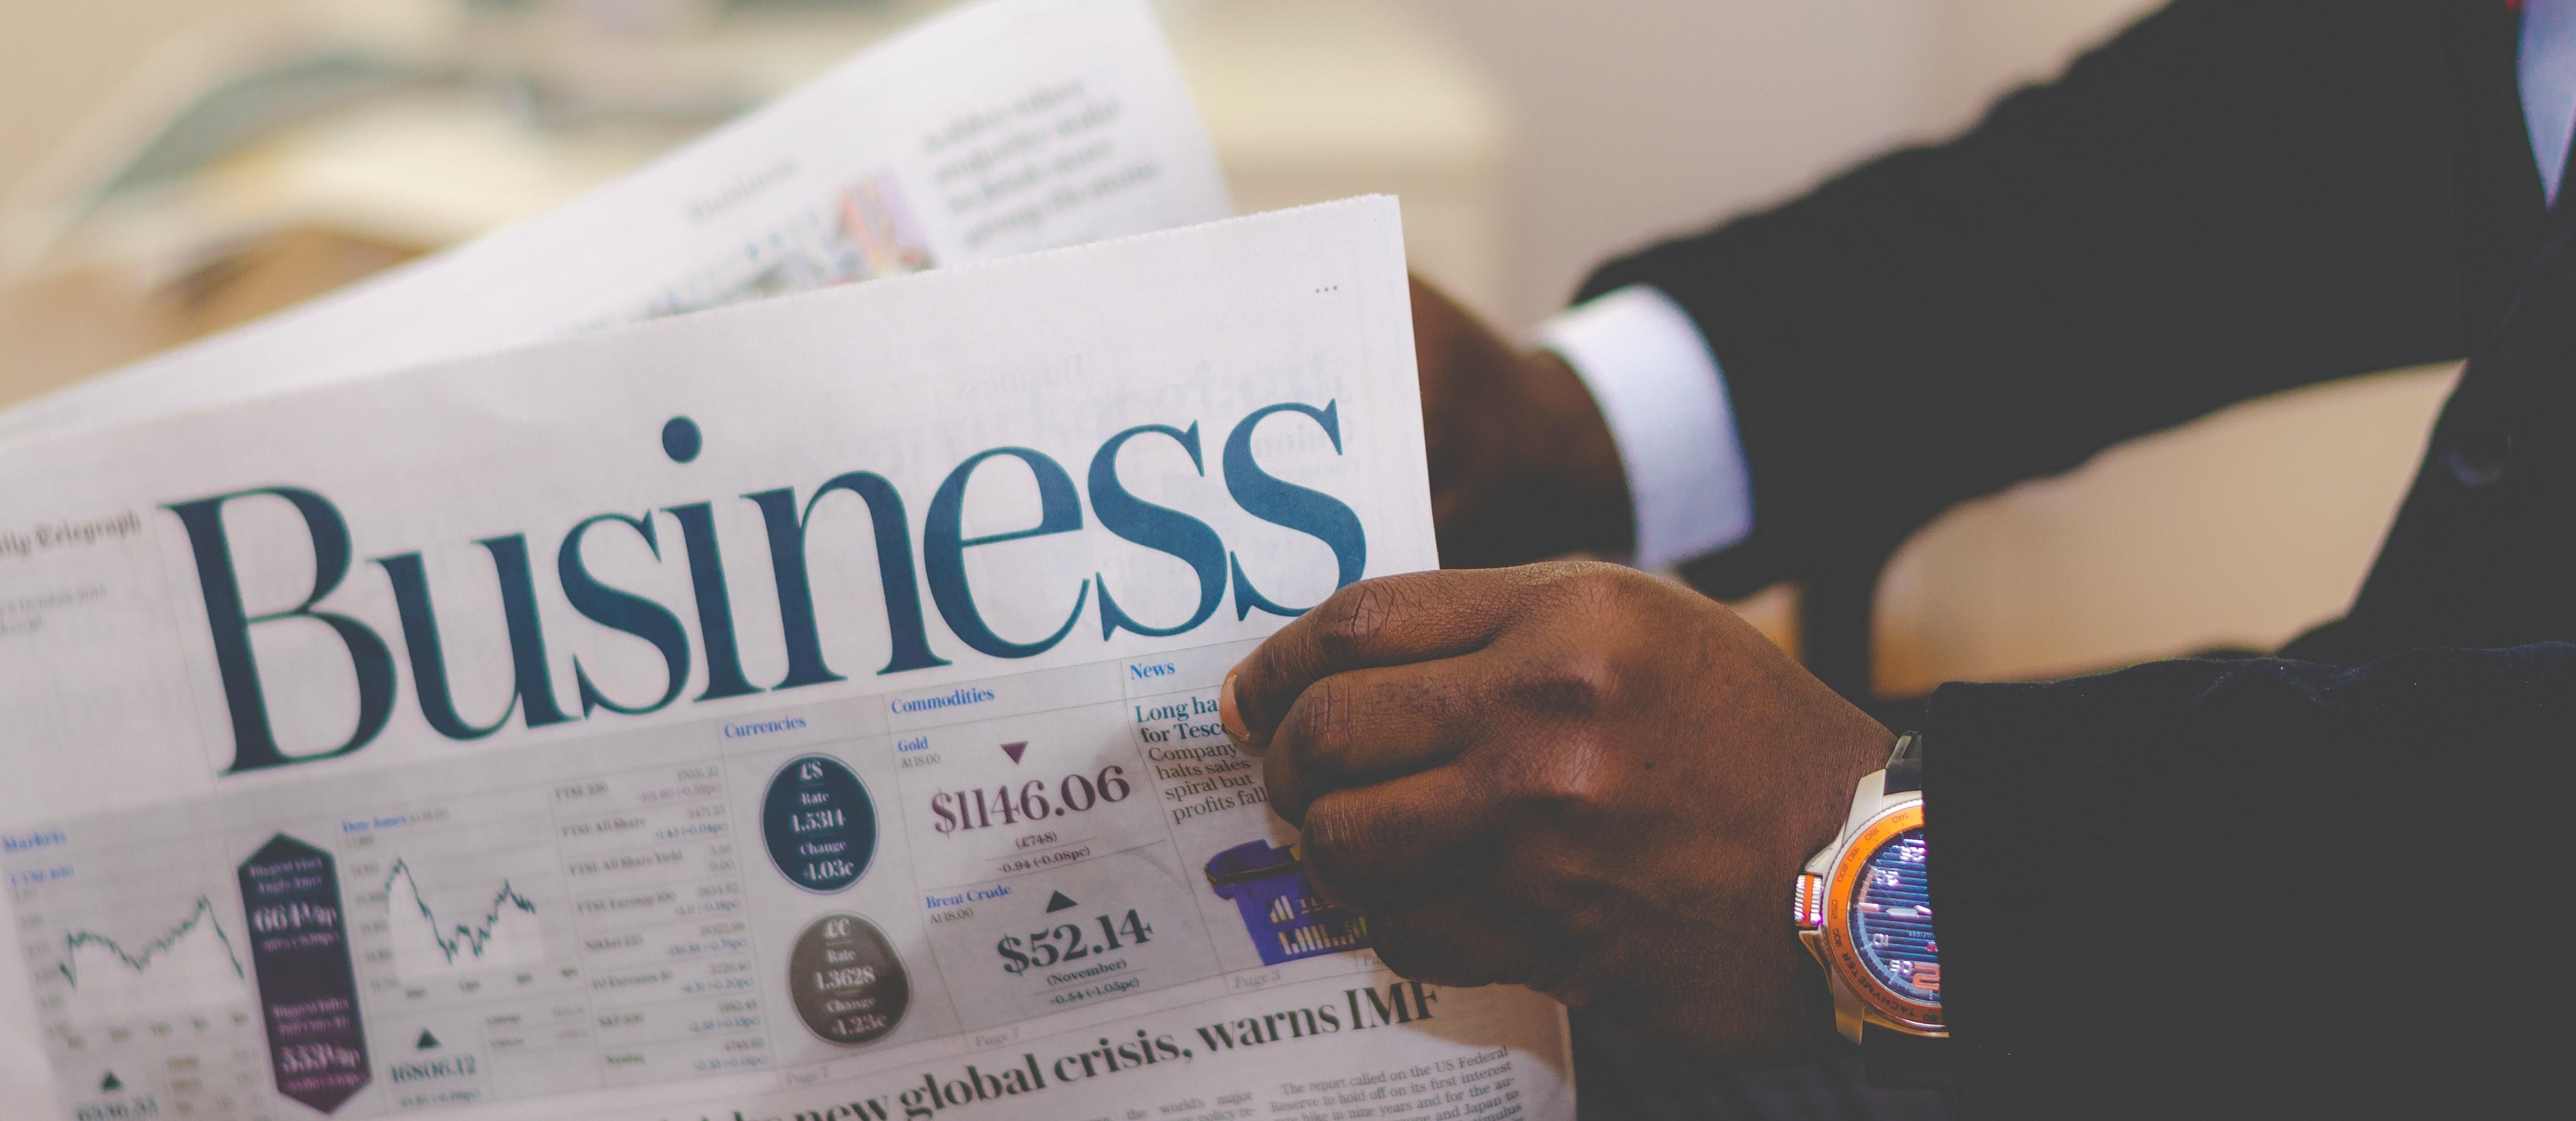 Internet Marketing News? Internet Marketing News! | July 5 - July 17